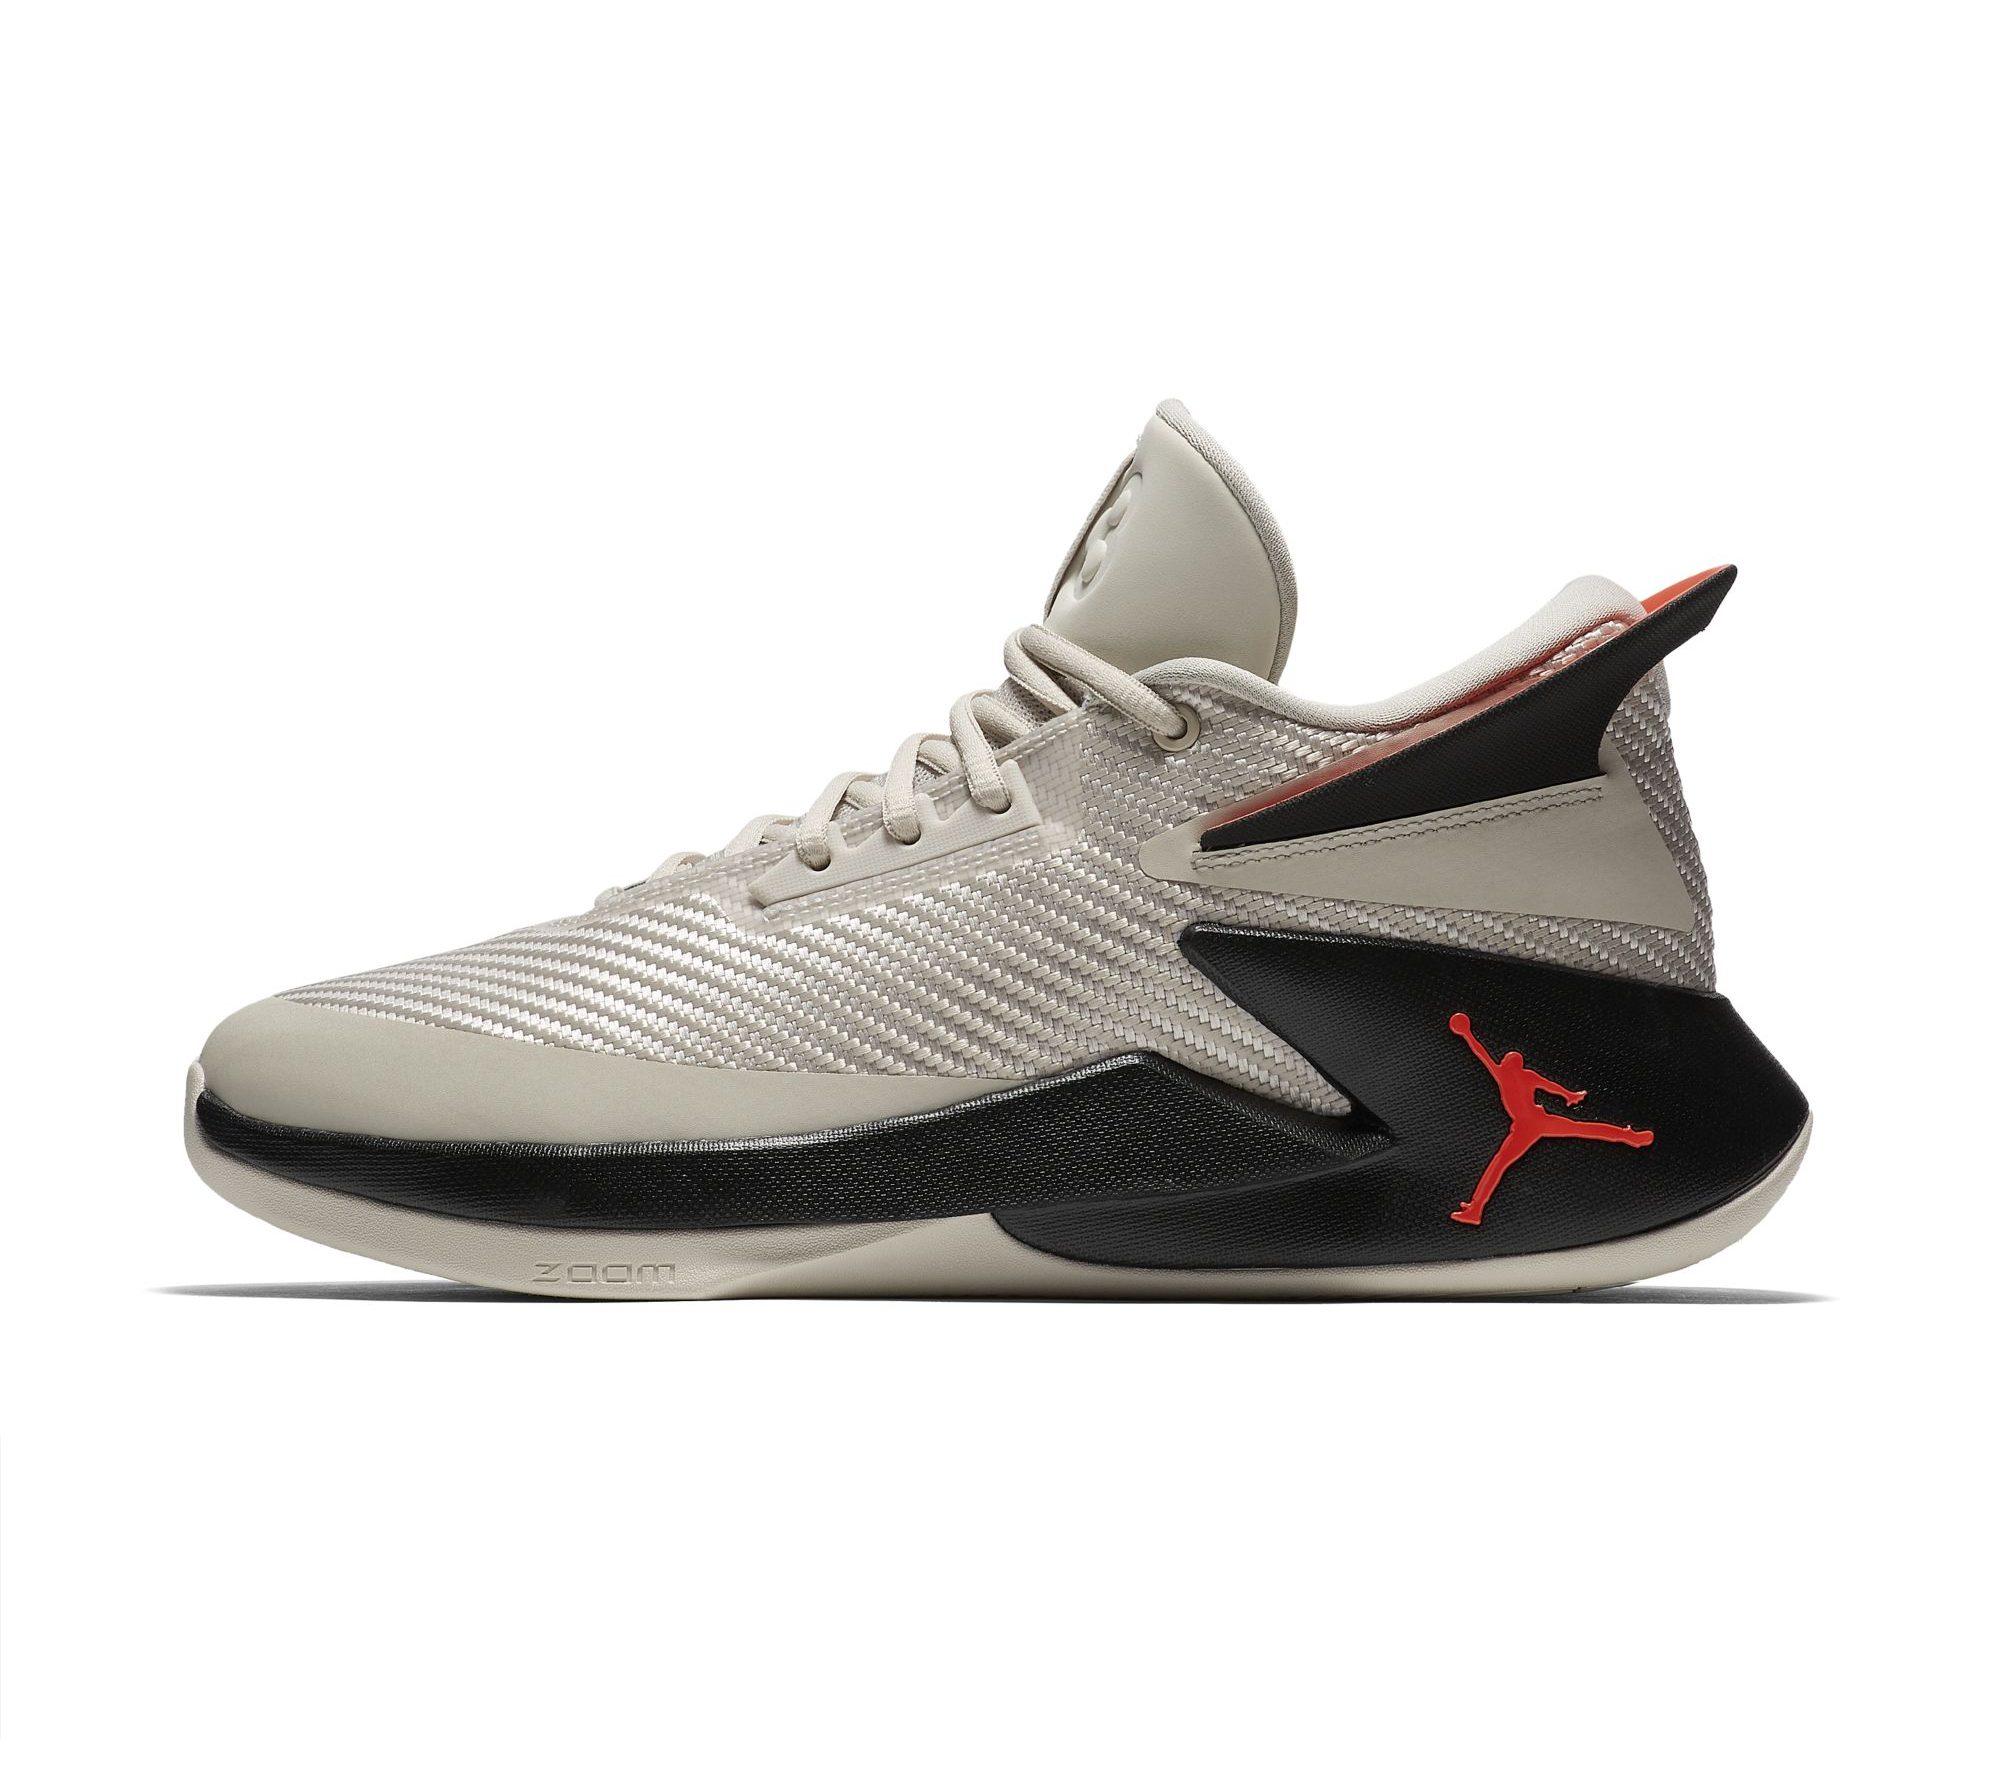 New Jordan Fly Lockdown Colorways are